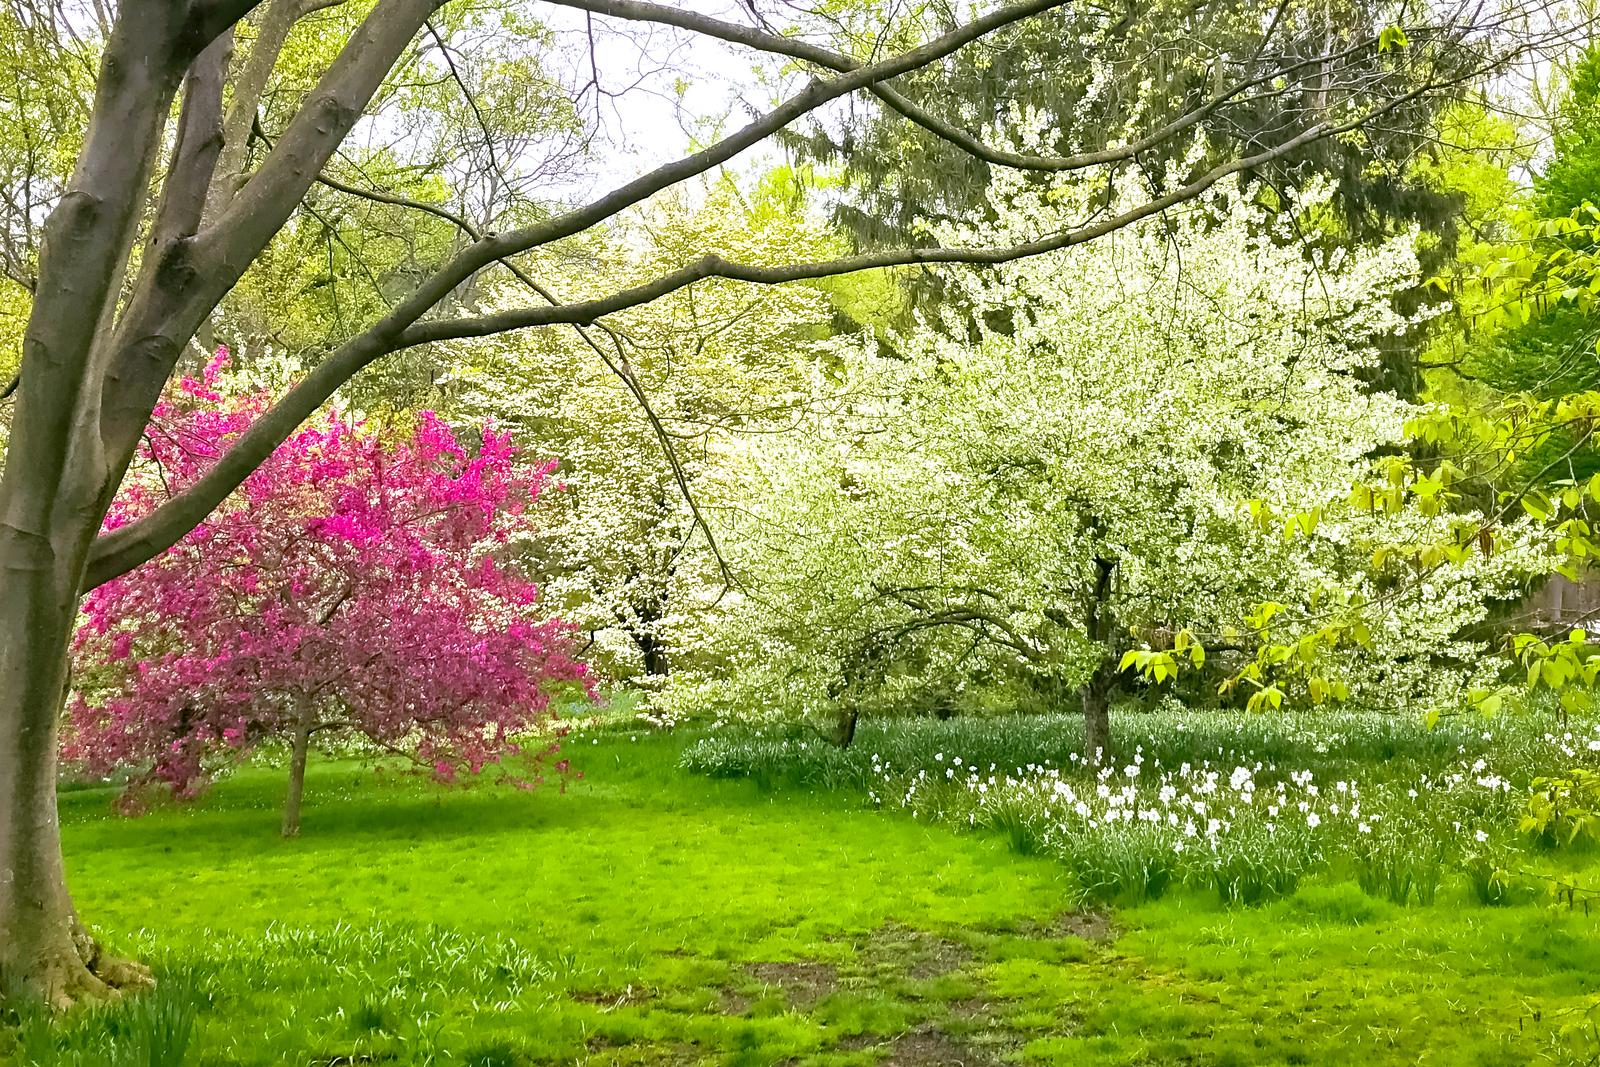 园中漫步,寻觅花香